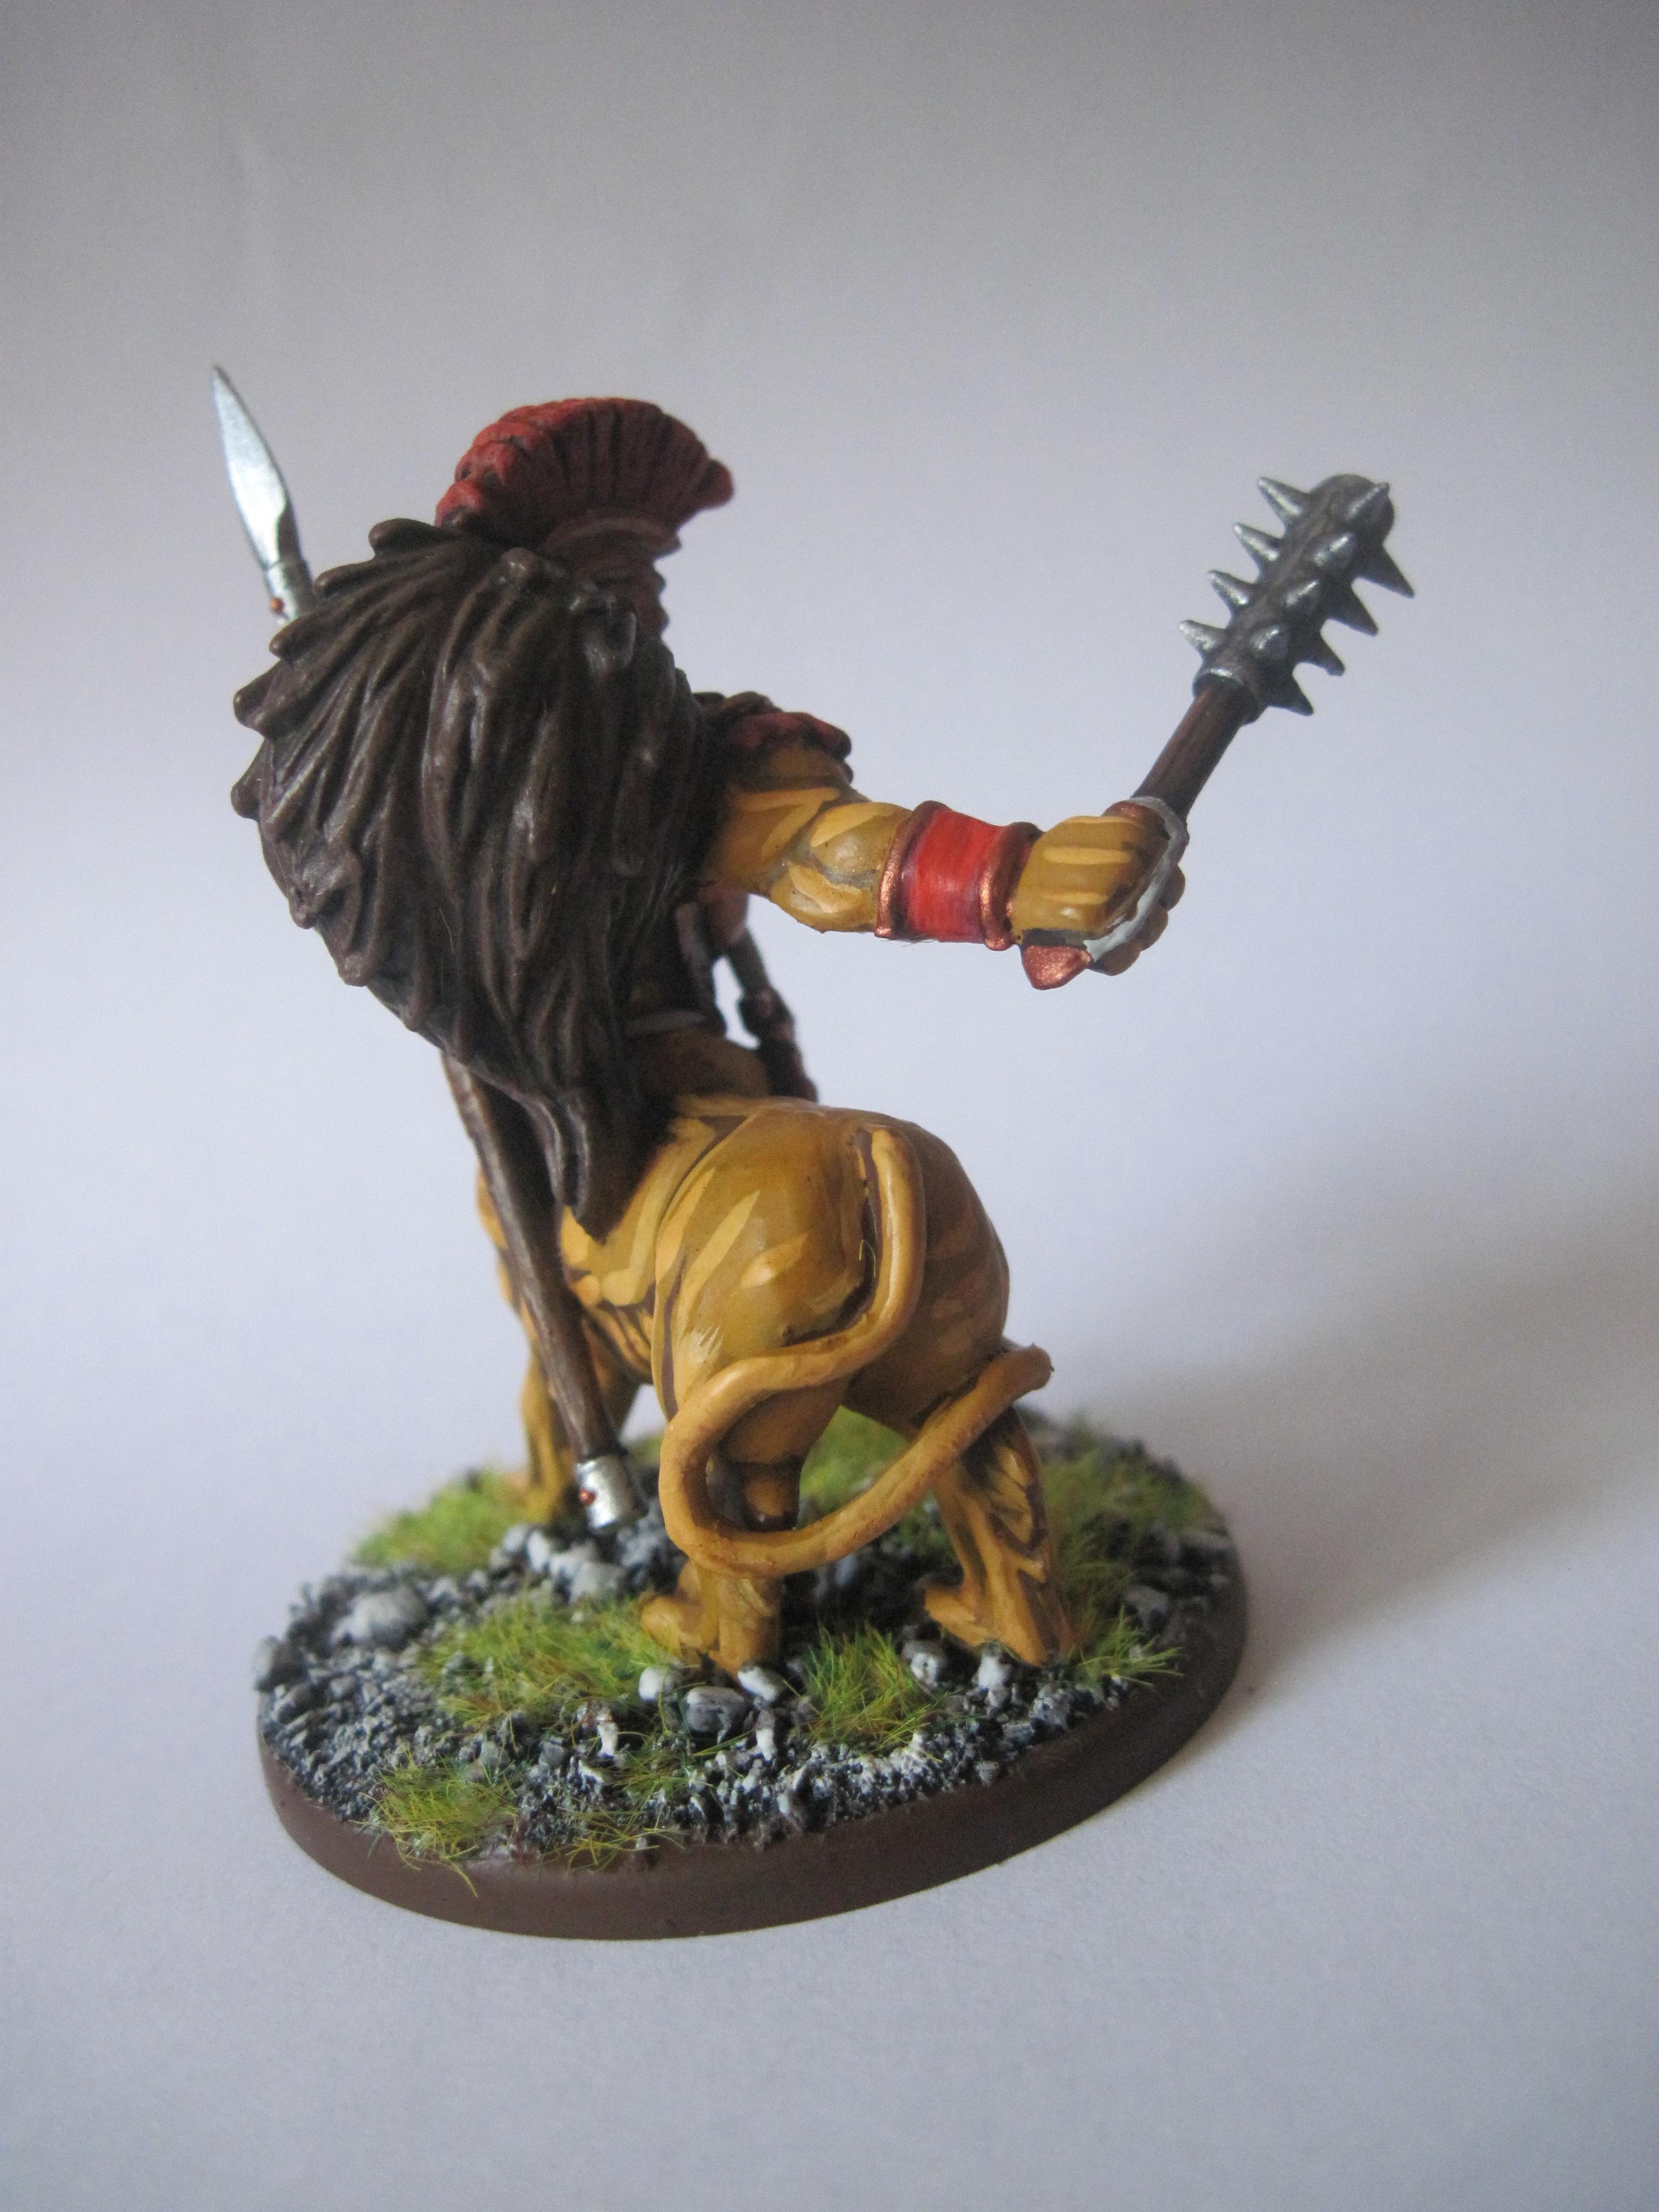 Conversion, Dracotaur, Empire, Lion, Romans, Sigma, Toy, Wemic